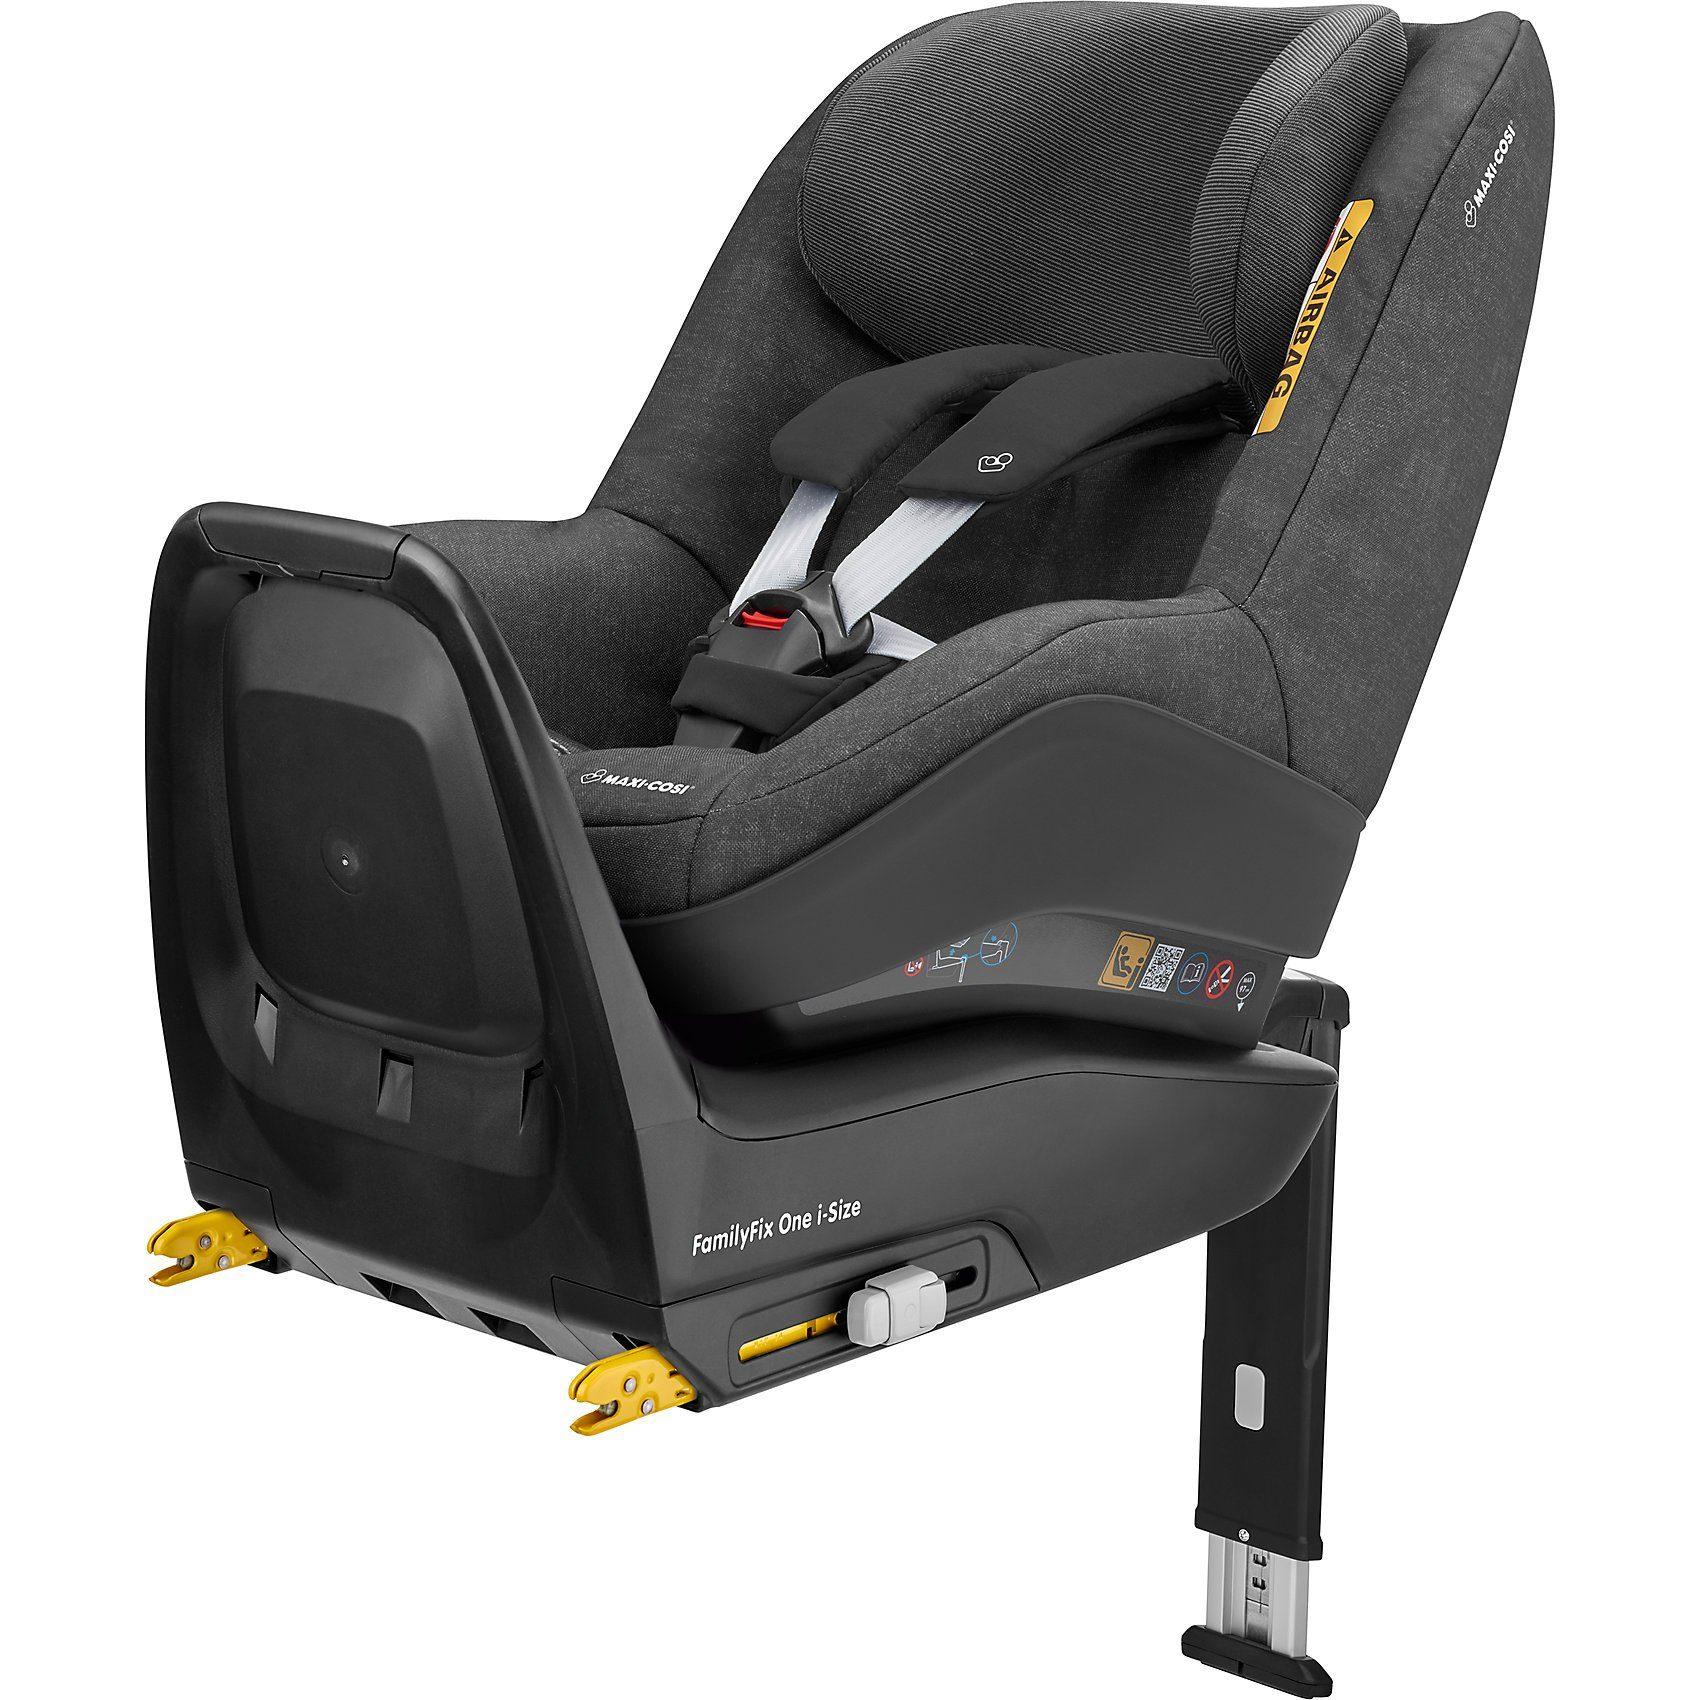 Maxi-Cosi Auto-Kindersitz Pearl One i-Size, Nomad Black, 2018